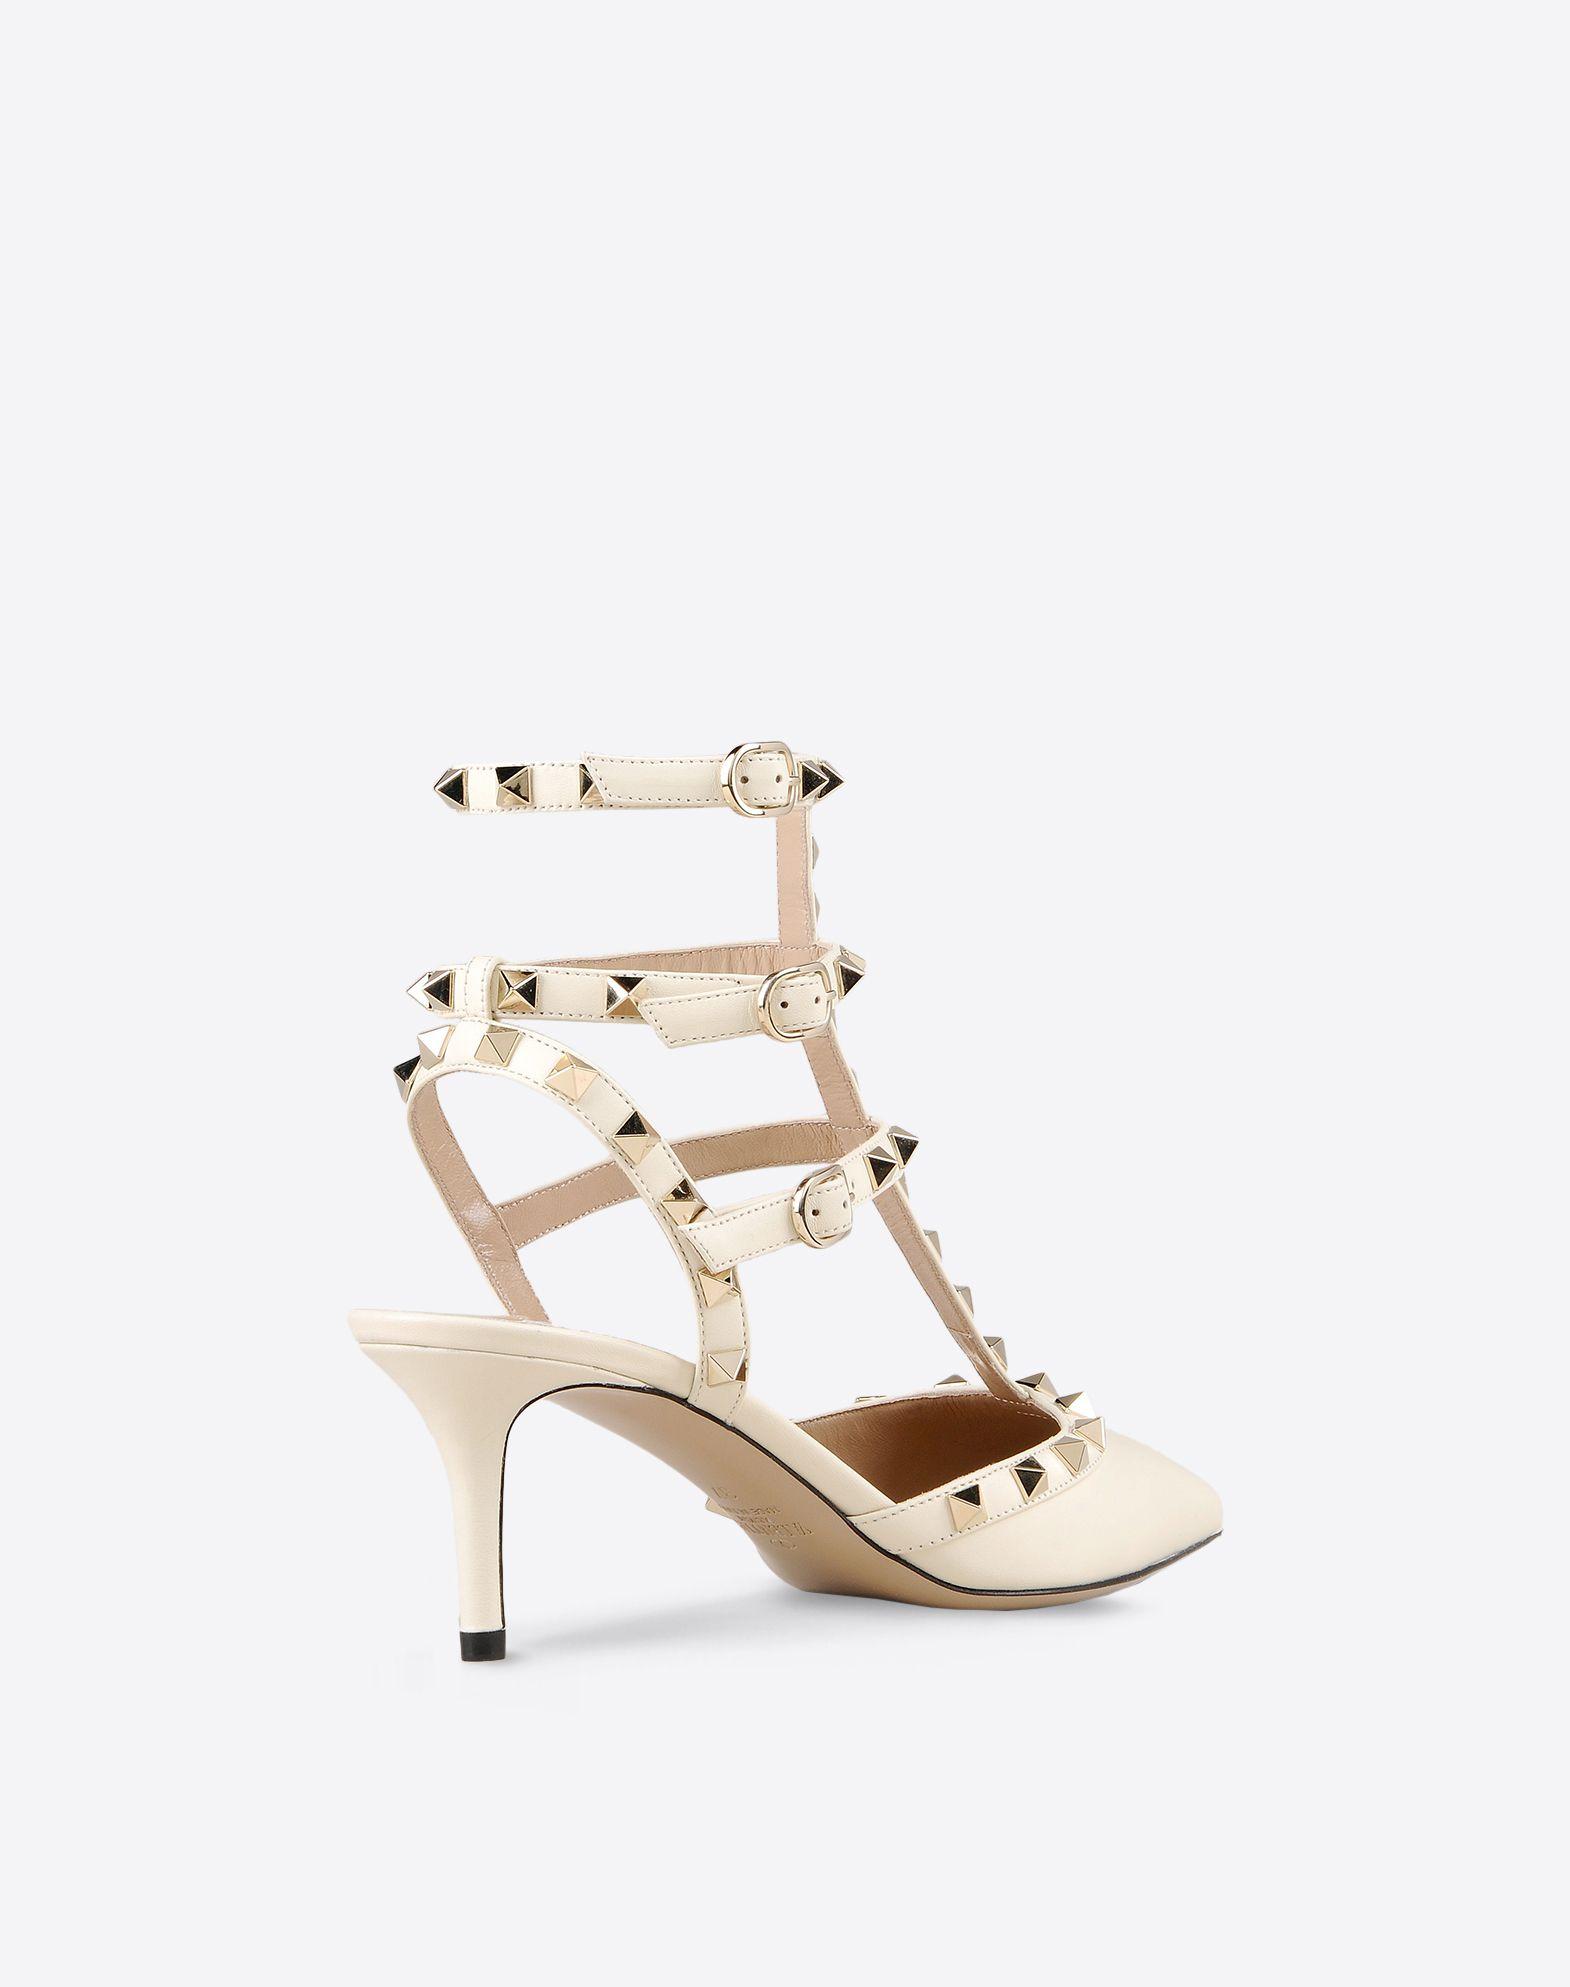 Scarpe Sposa Valentino.Valentino Collezione 2016 Scarpe Sposa Ankle Strap Rockstud1